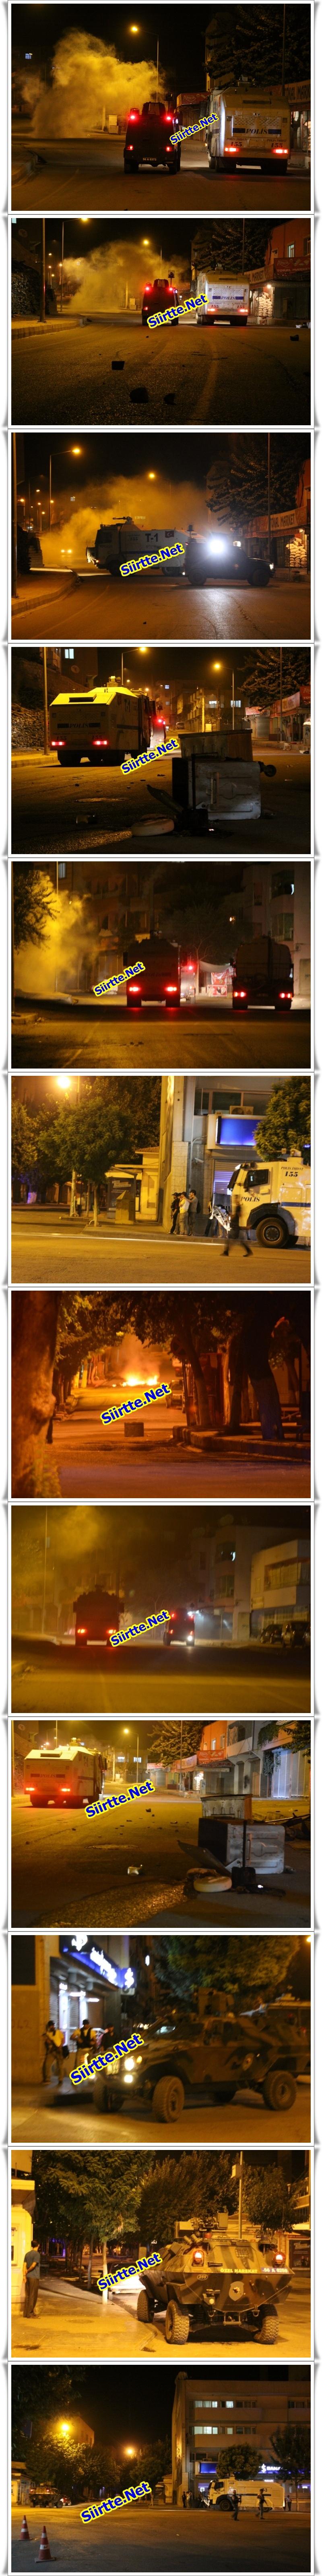 Siirt'te İzinsiz Gösteriye Müdahale Edildi-vert